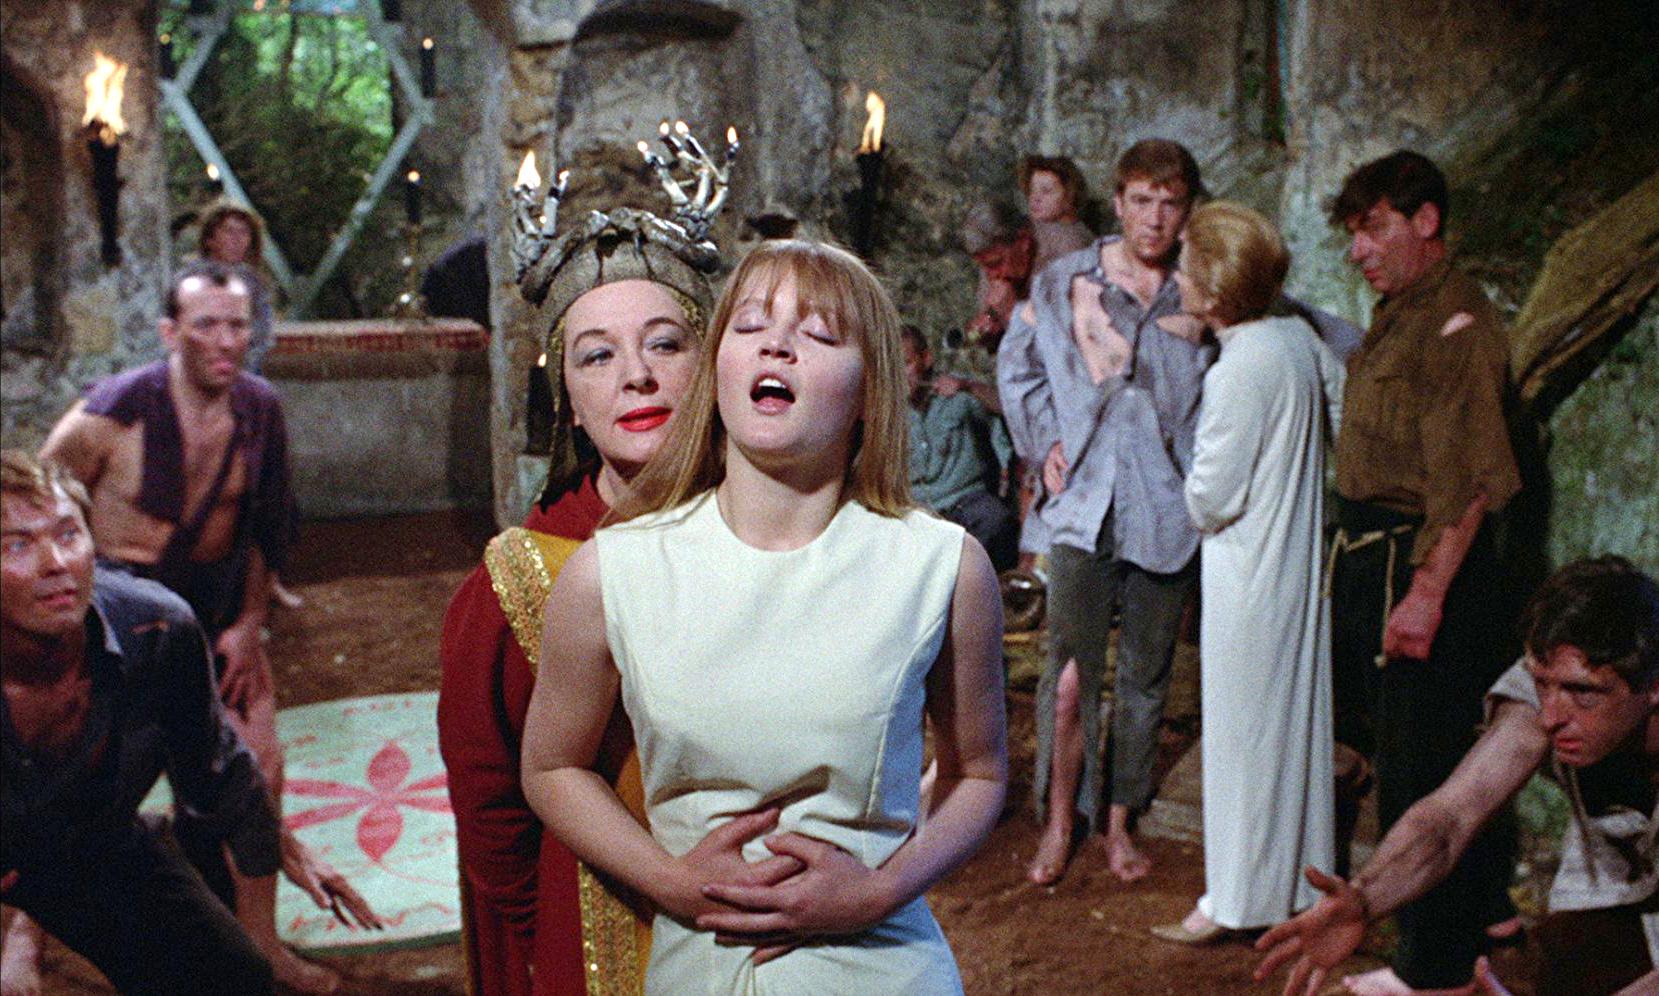 Standbild aus dem Film; Stephanie nähert sich der weiß gekleideten Jungfrau Linda von hinten, diese öffnet entrückt den Mund. Der Hexenzirkel beobachtet die Szene erregt.